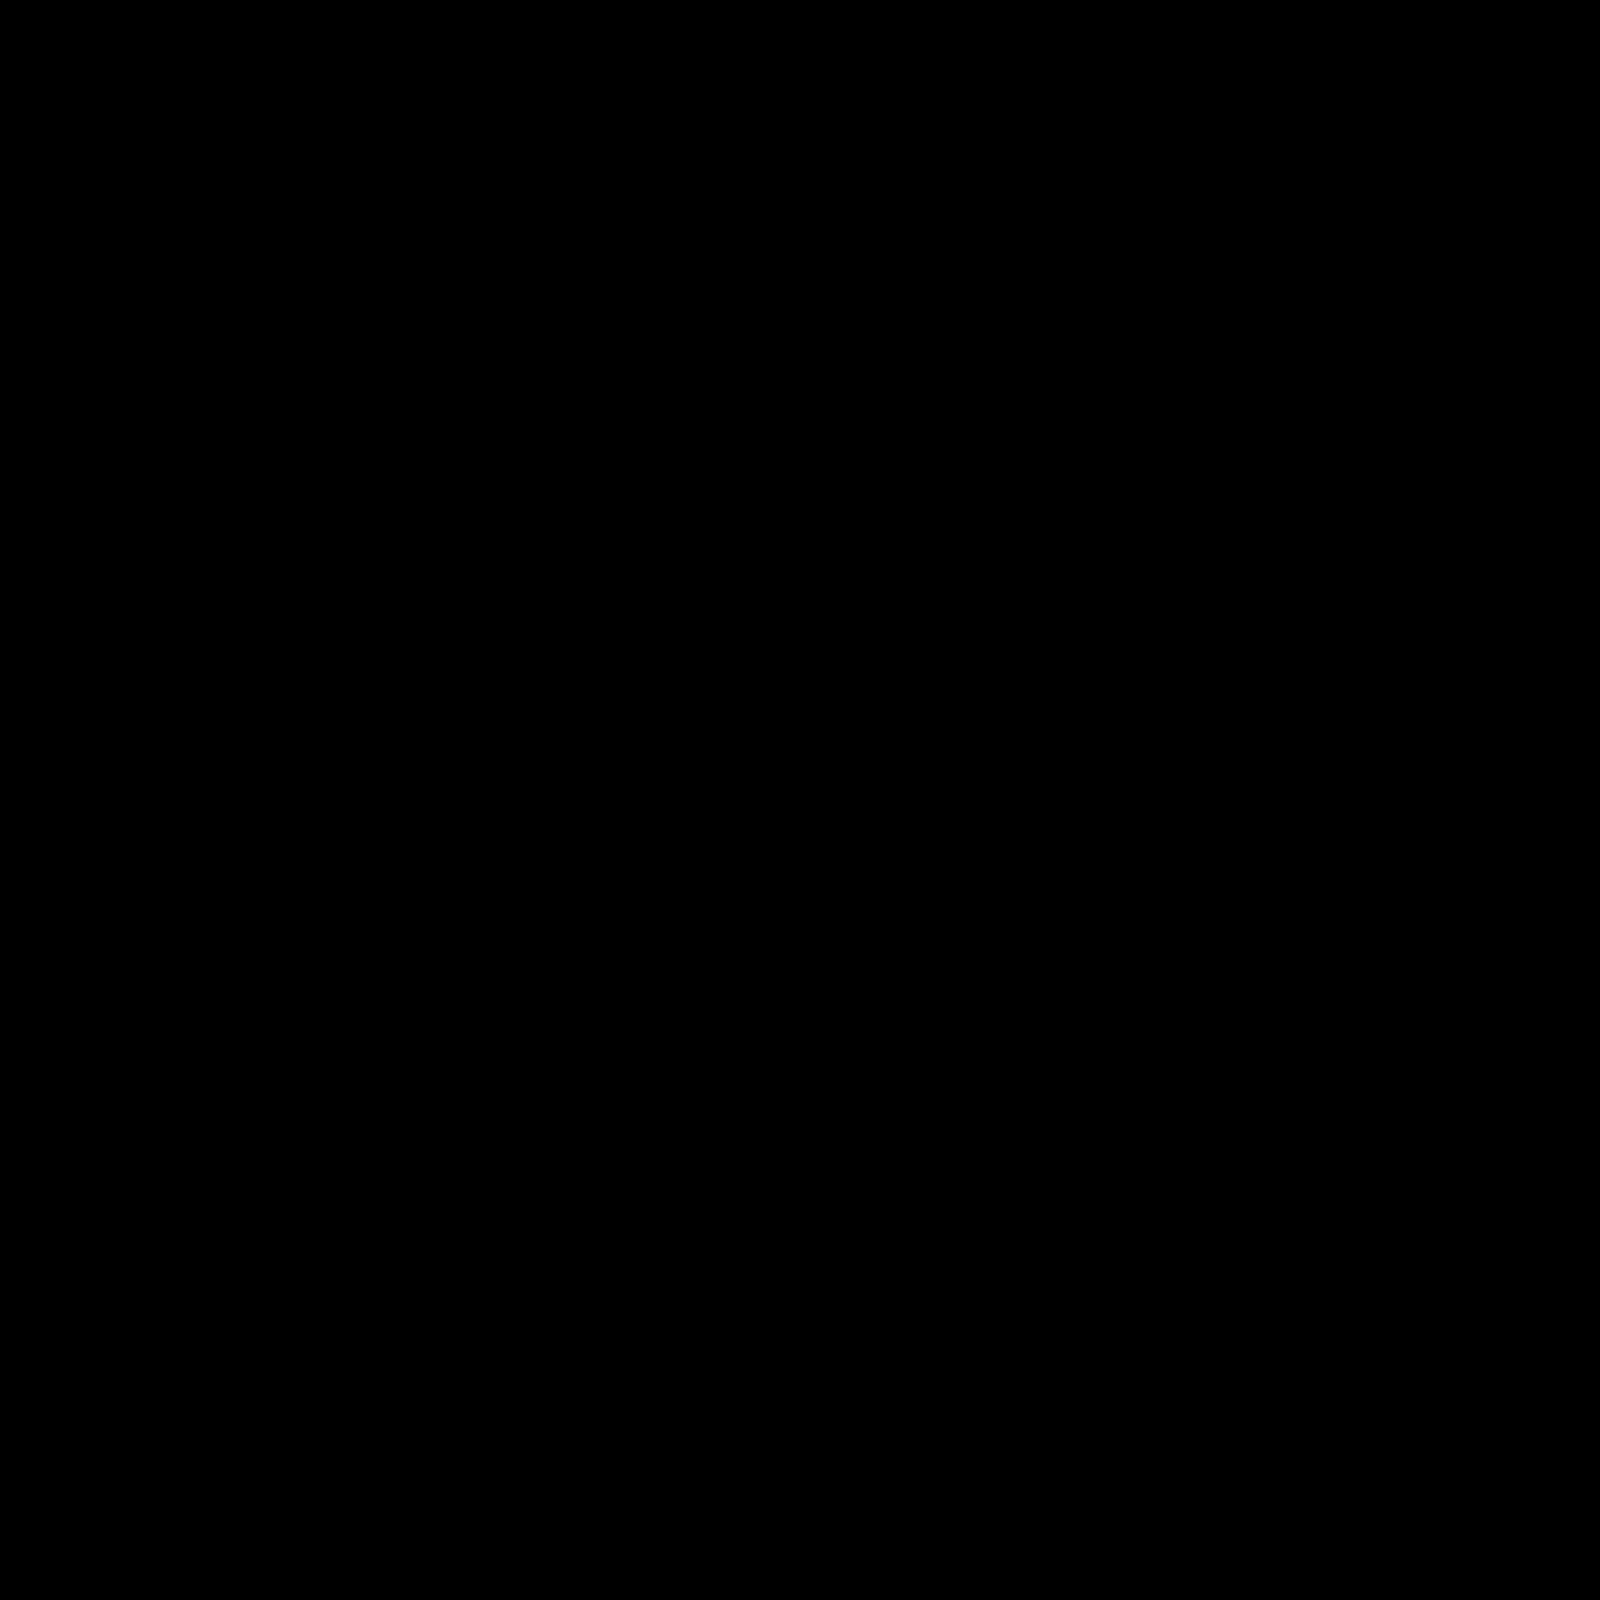 Eingekreiste 5 C icon